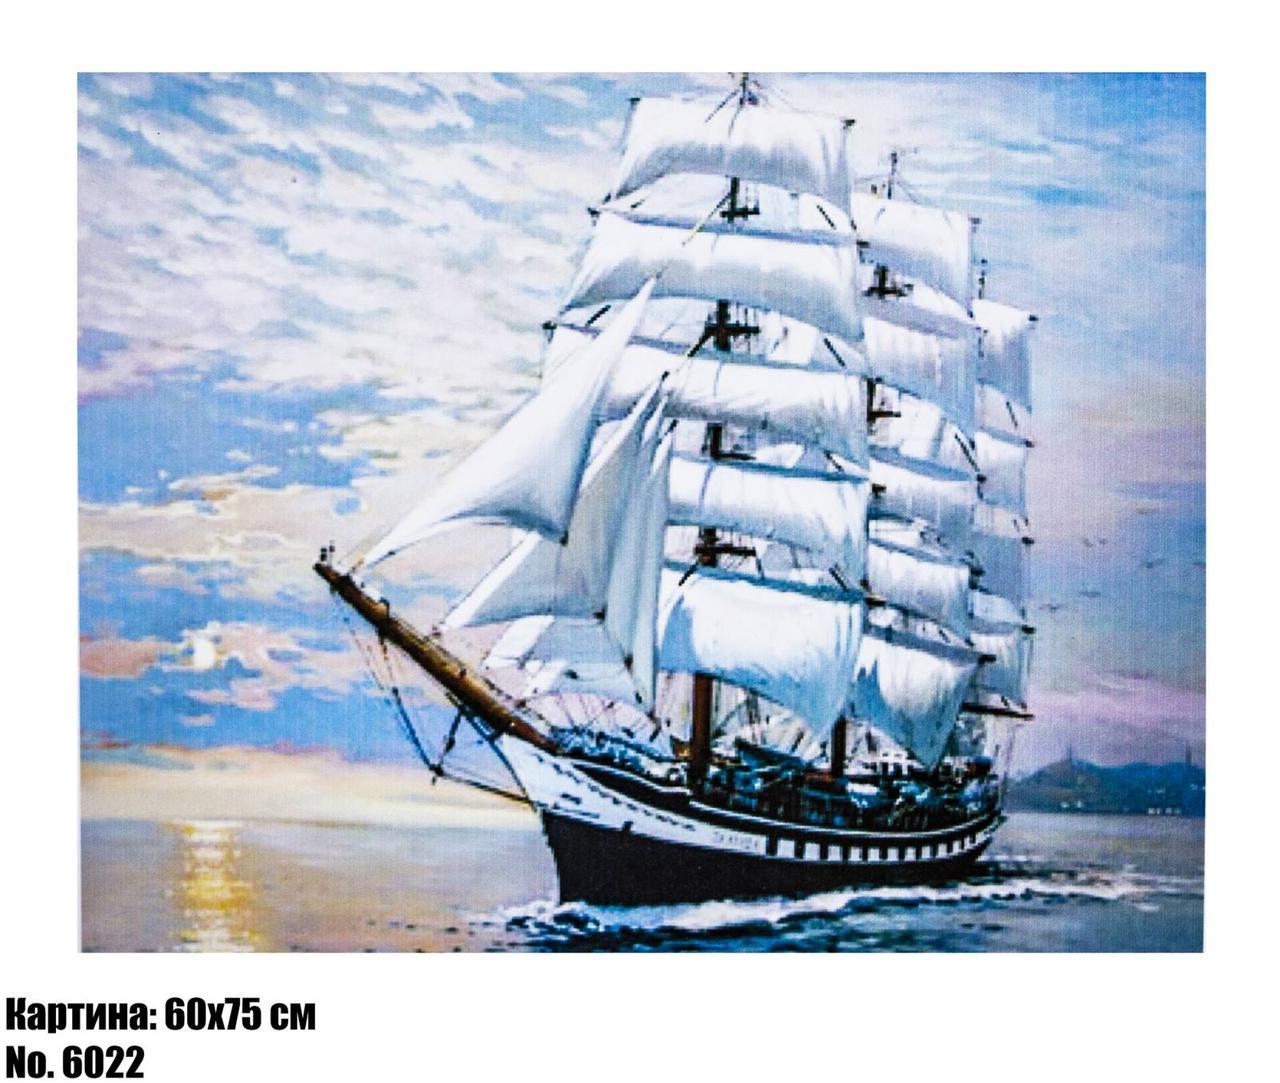 Картина по номерам 6022 60 х 75 см